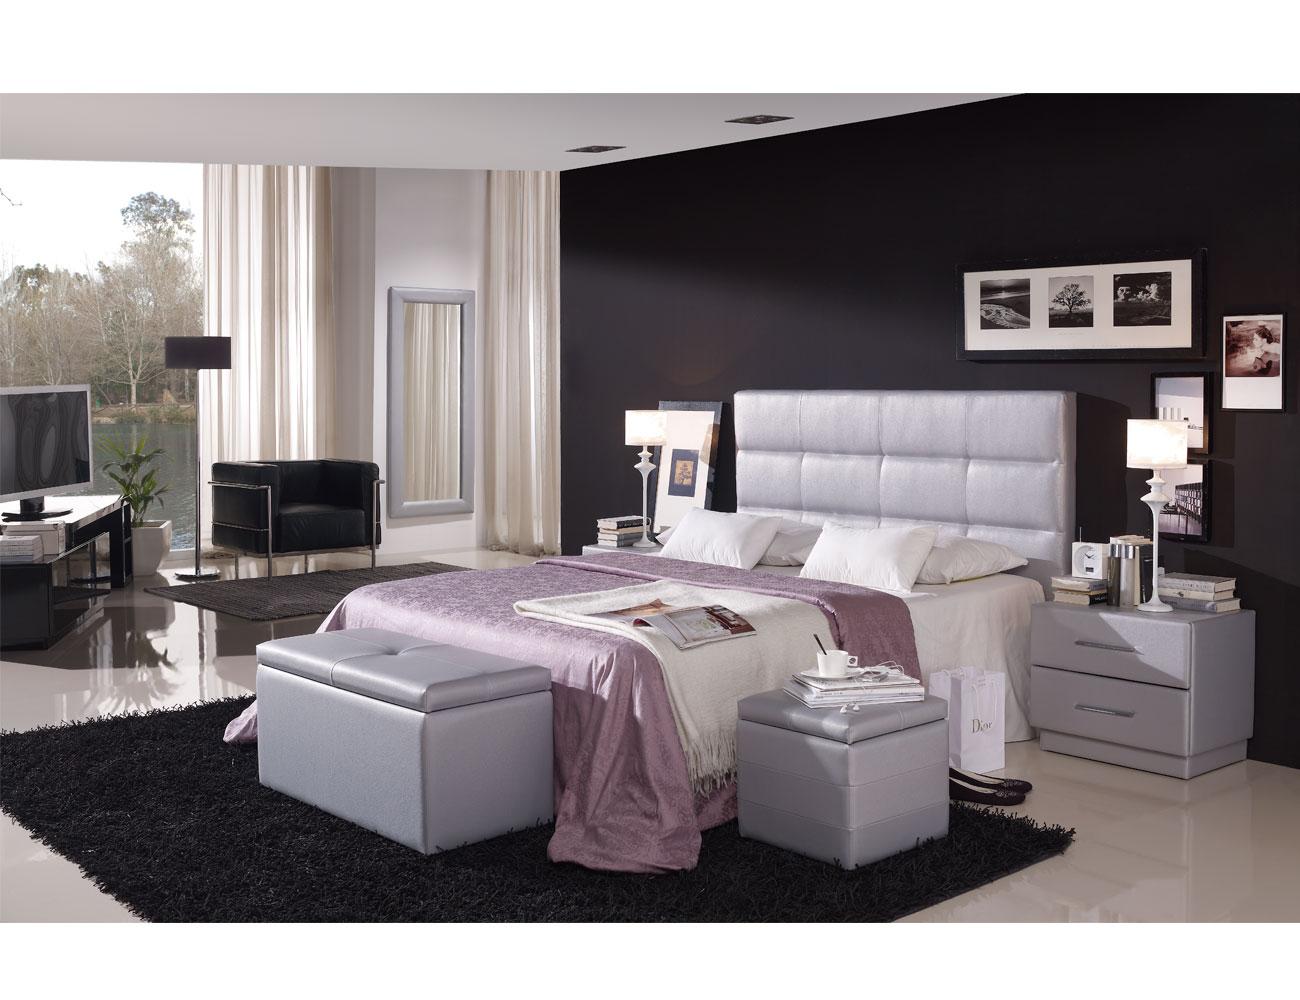 23 marco tapizado dormitorio920